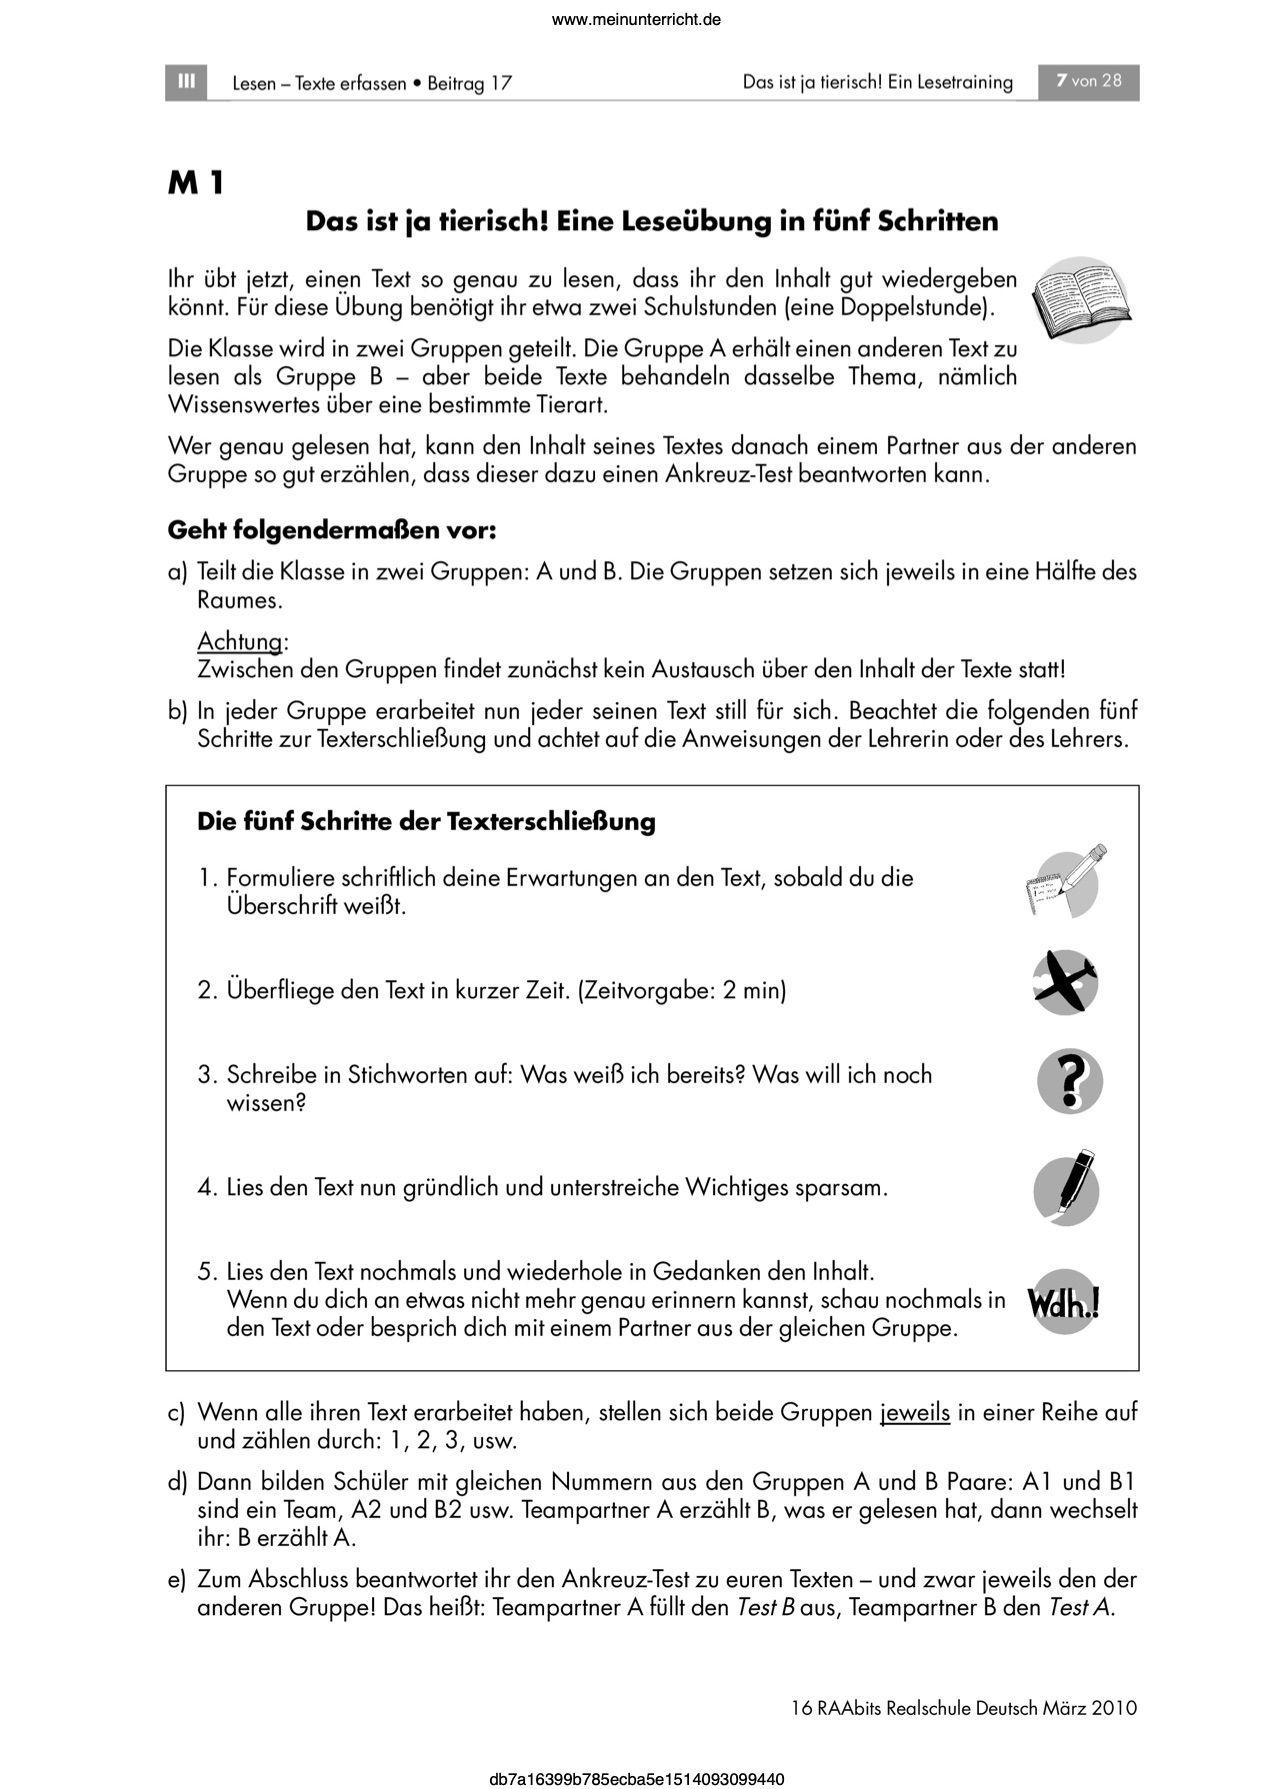 Lesekompetenz   Arbeitsblätter für Deutsch   meinUnterricht ...